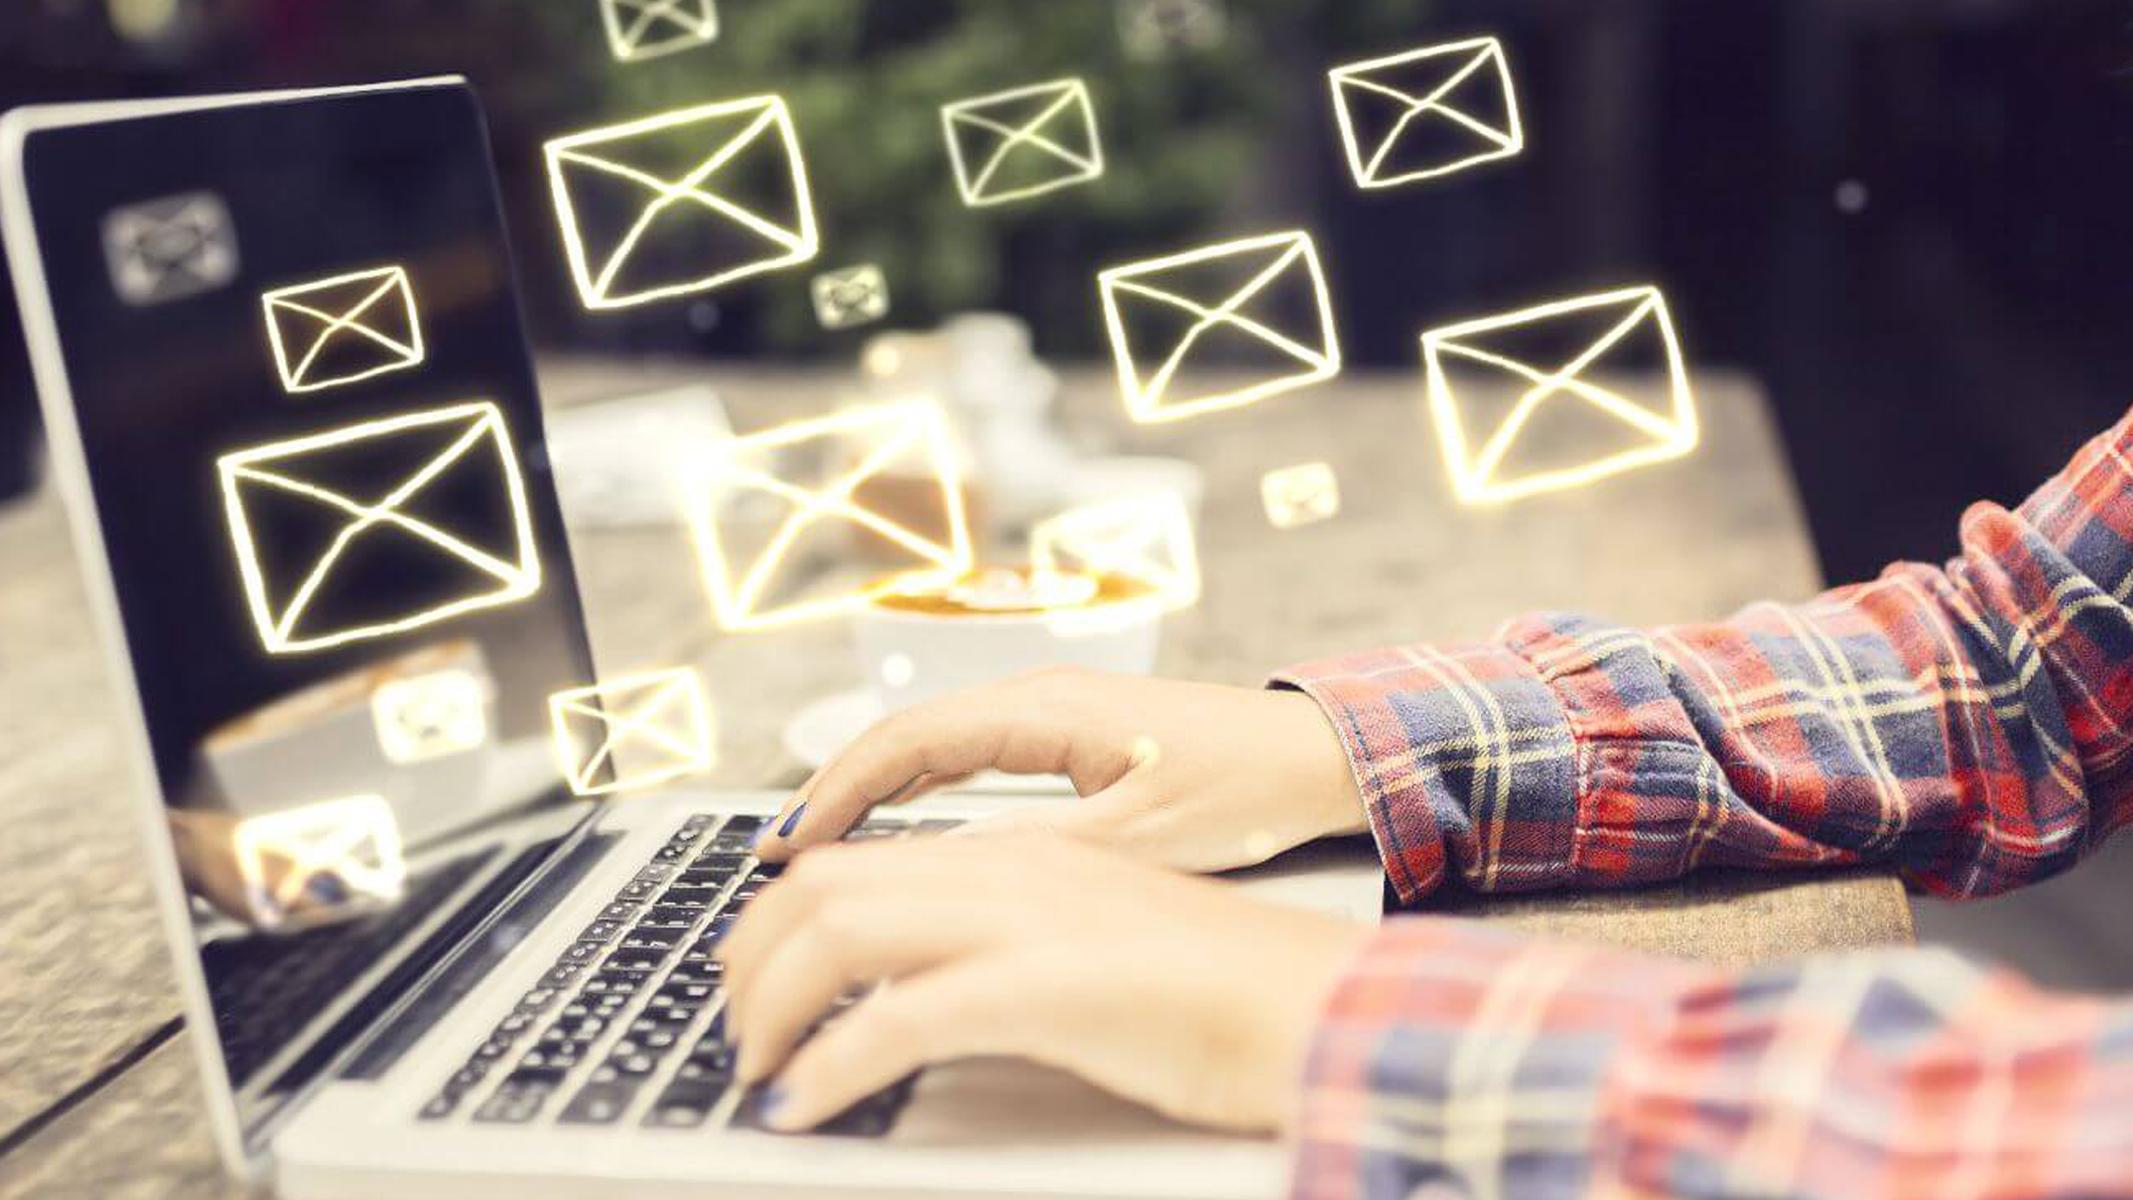 ¿Cómo promocionar gratis tu negocio en Internet?